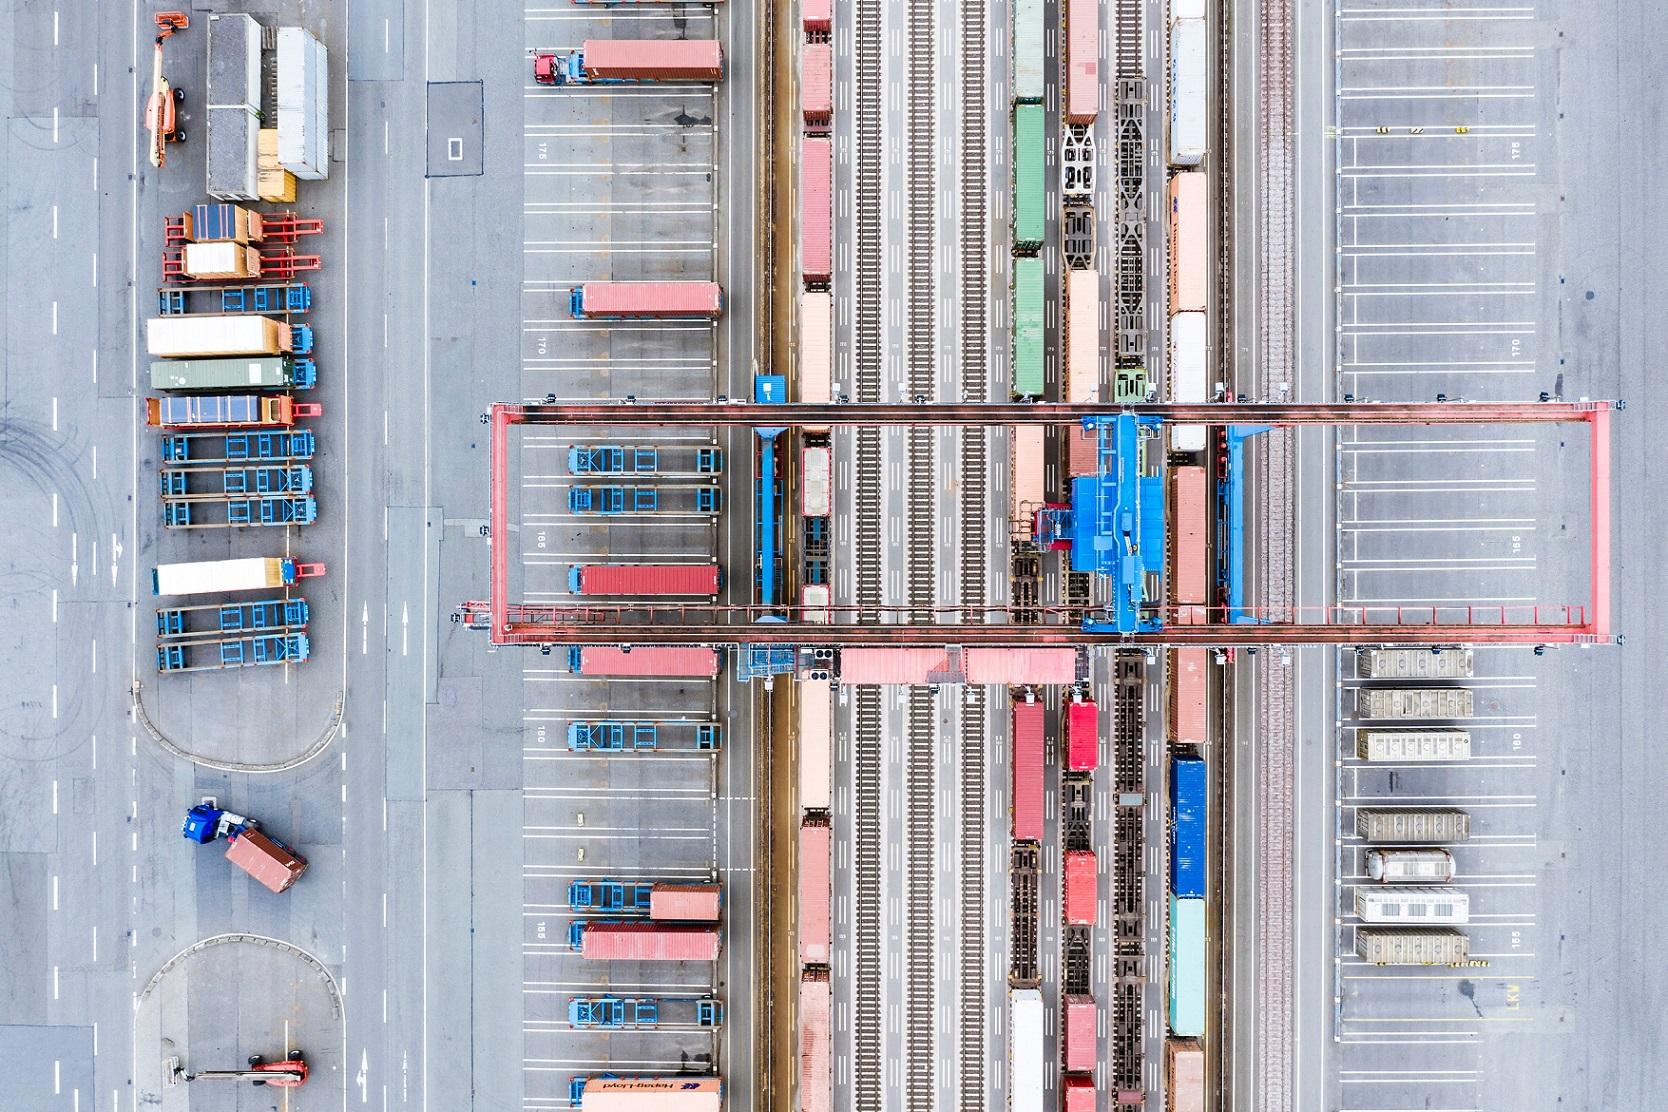 Modility nimmt als neues Buchungs- und Vermittlungsportal für Kombinierte Verkehre den Betrieb auf.